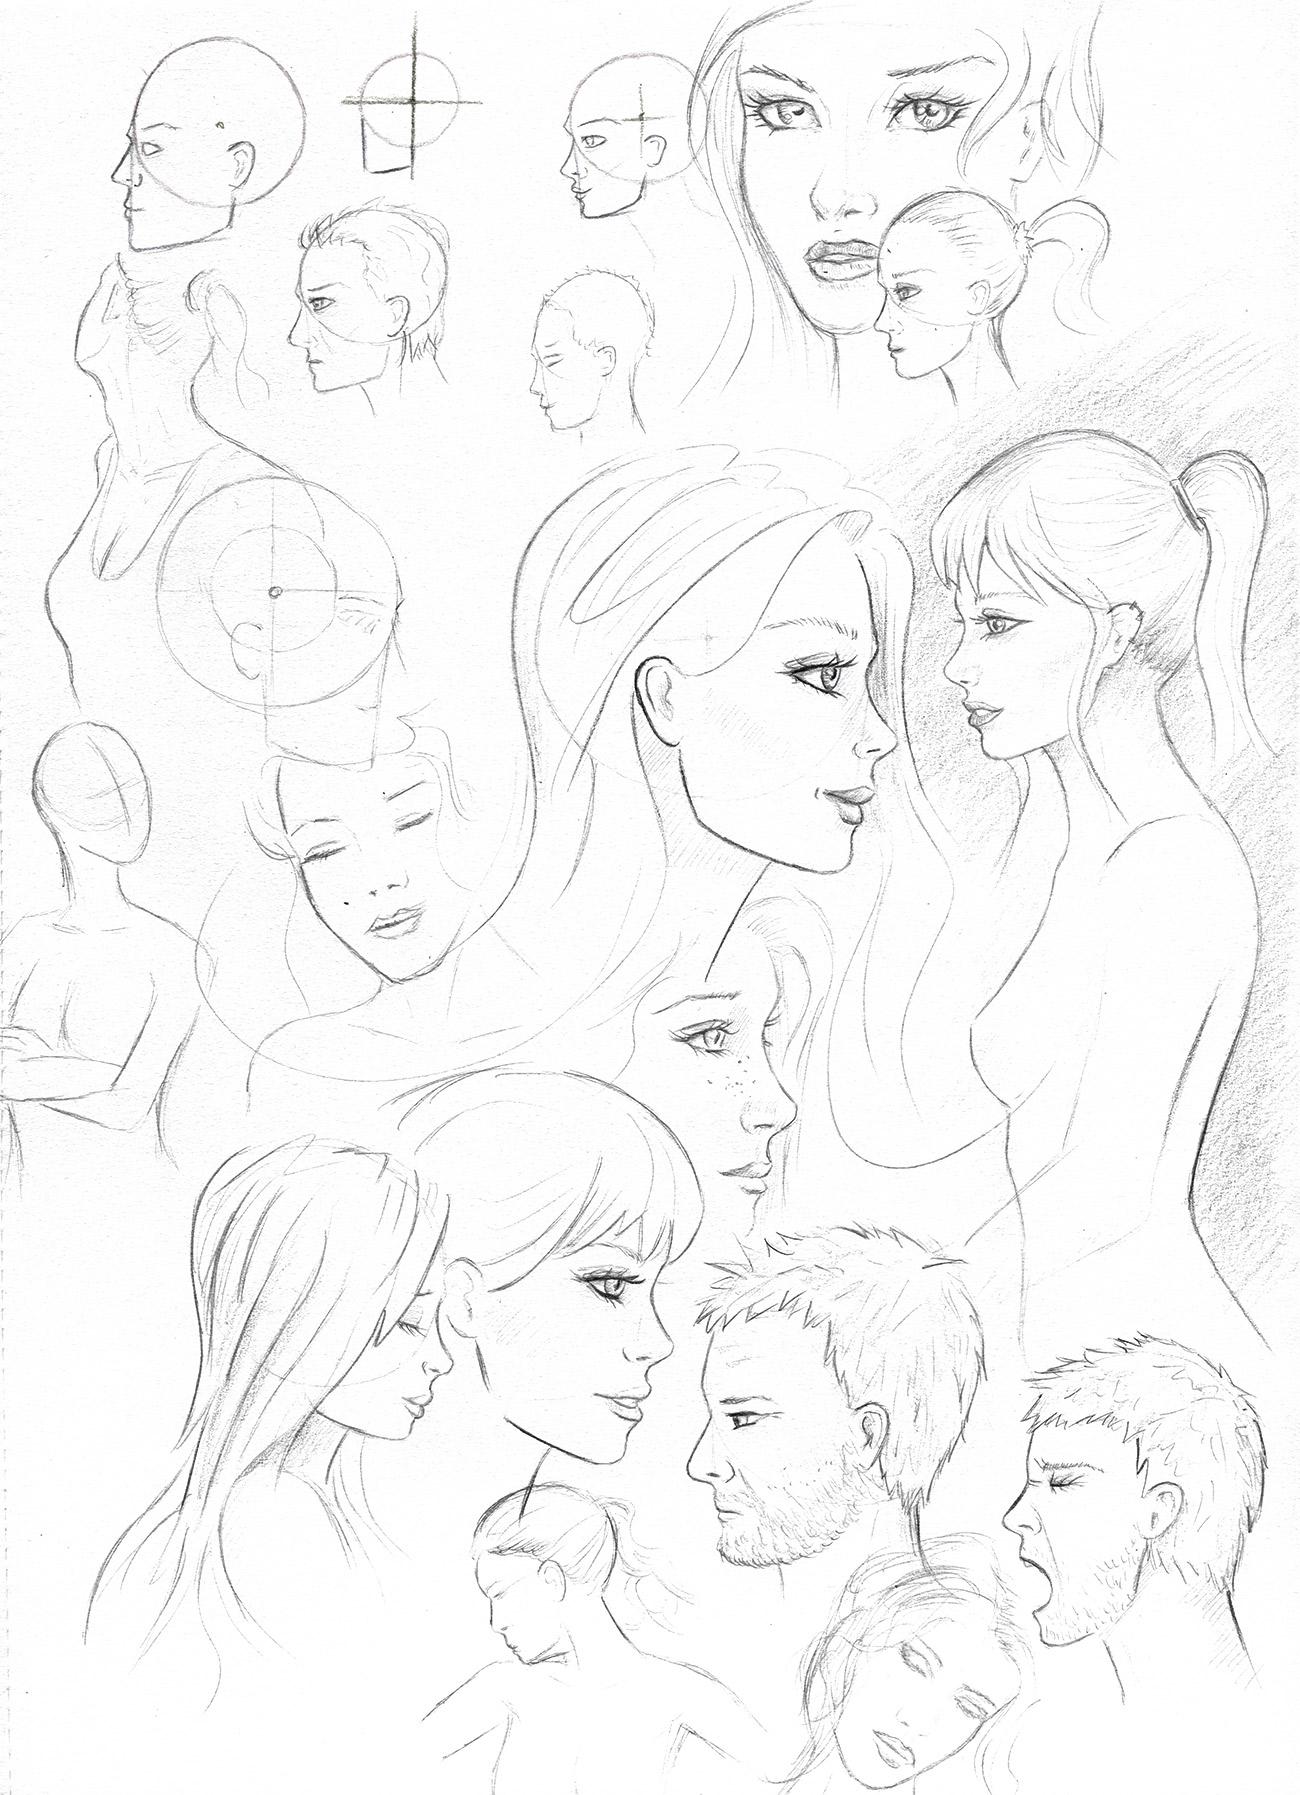 Gesicht Im Profil - Seitliches Gesicht ganzes Gesicht Von Der Seite Zeichnen